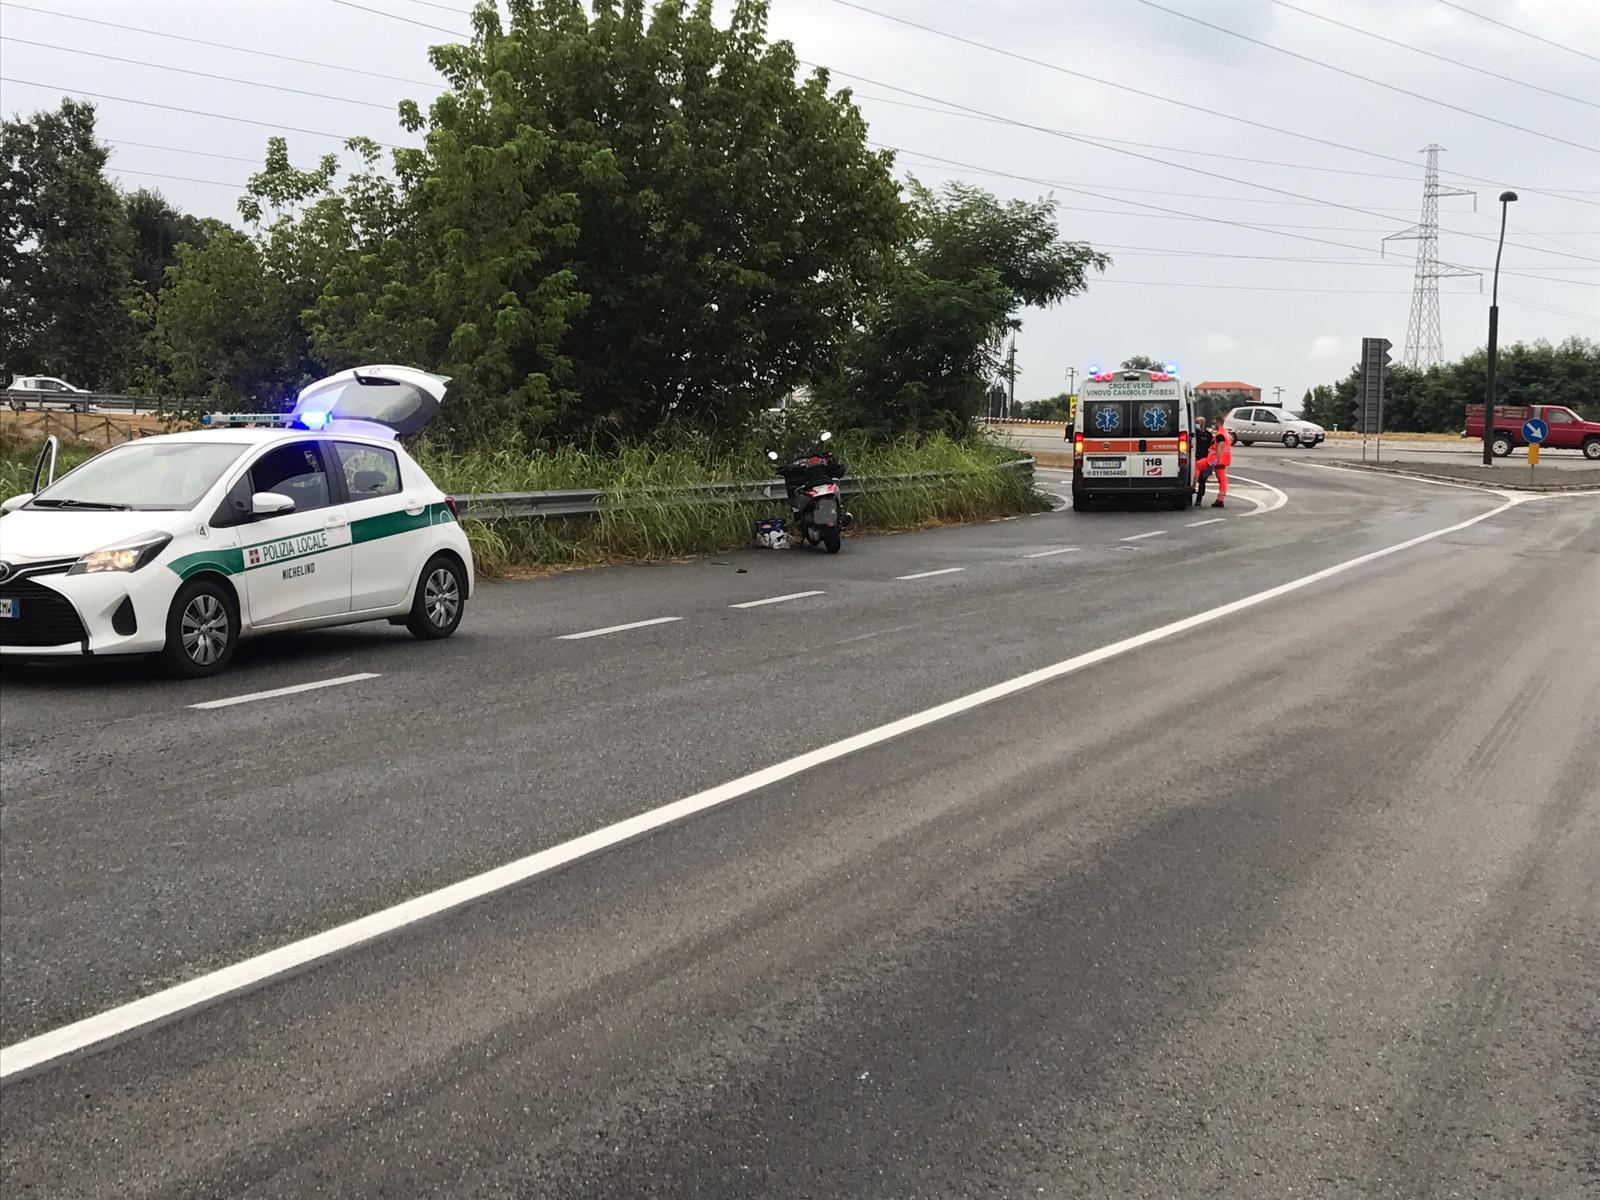 NICHELINO – Lunga scia d'olio sulla variante per Borgaretto: due motociclisti cadono